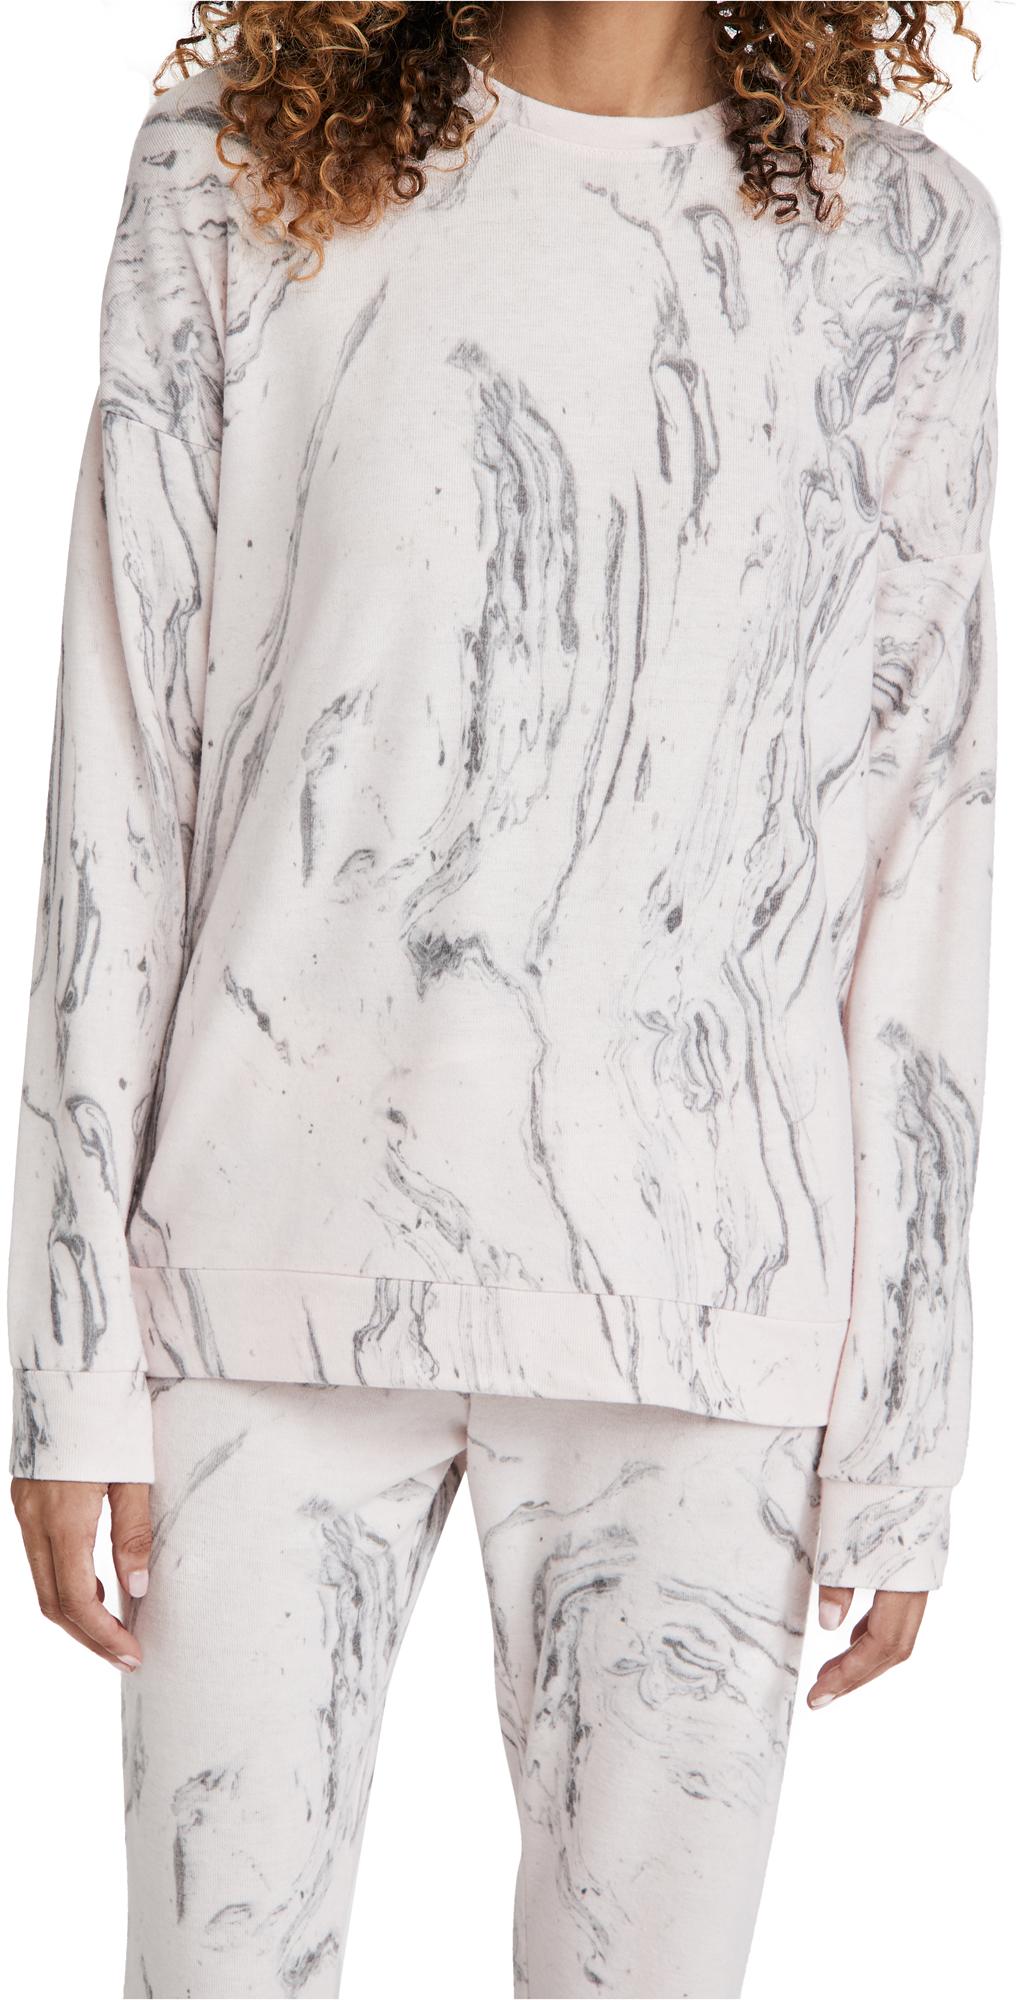 PJ Salvage Marble Long Sleeve Top